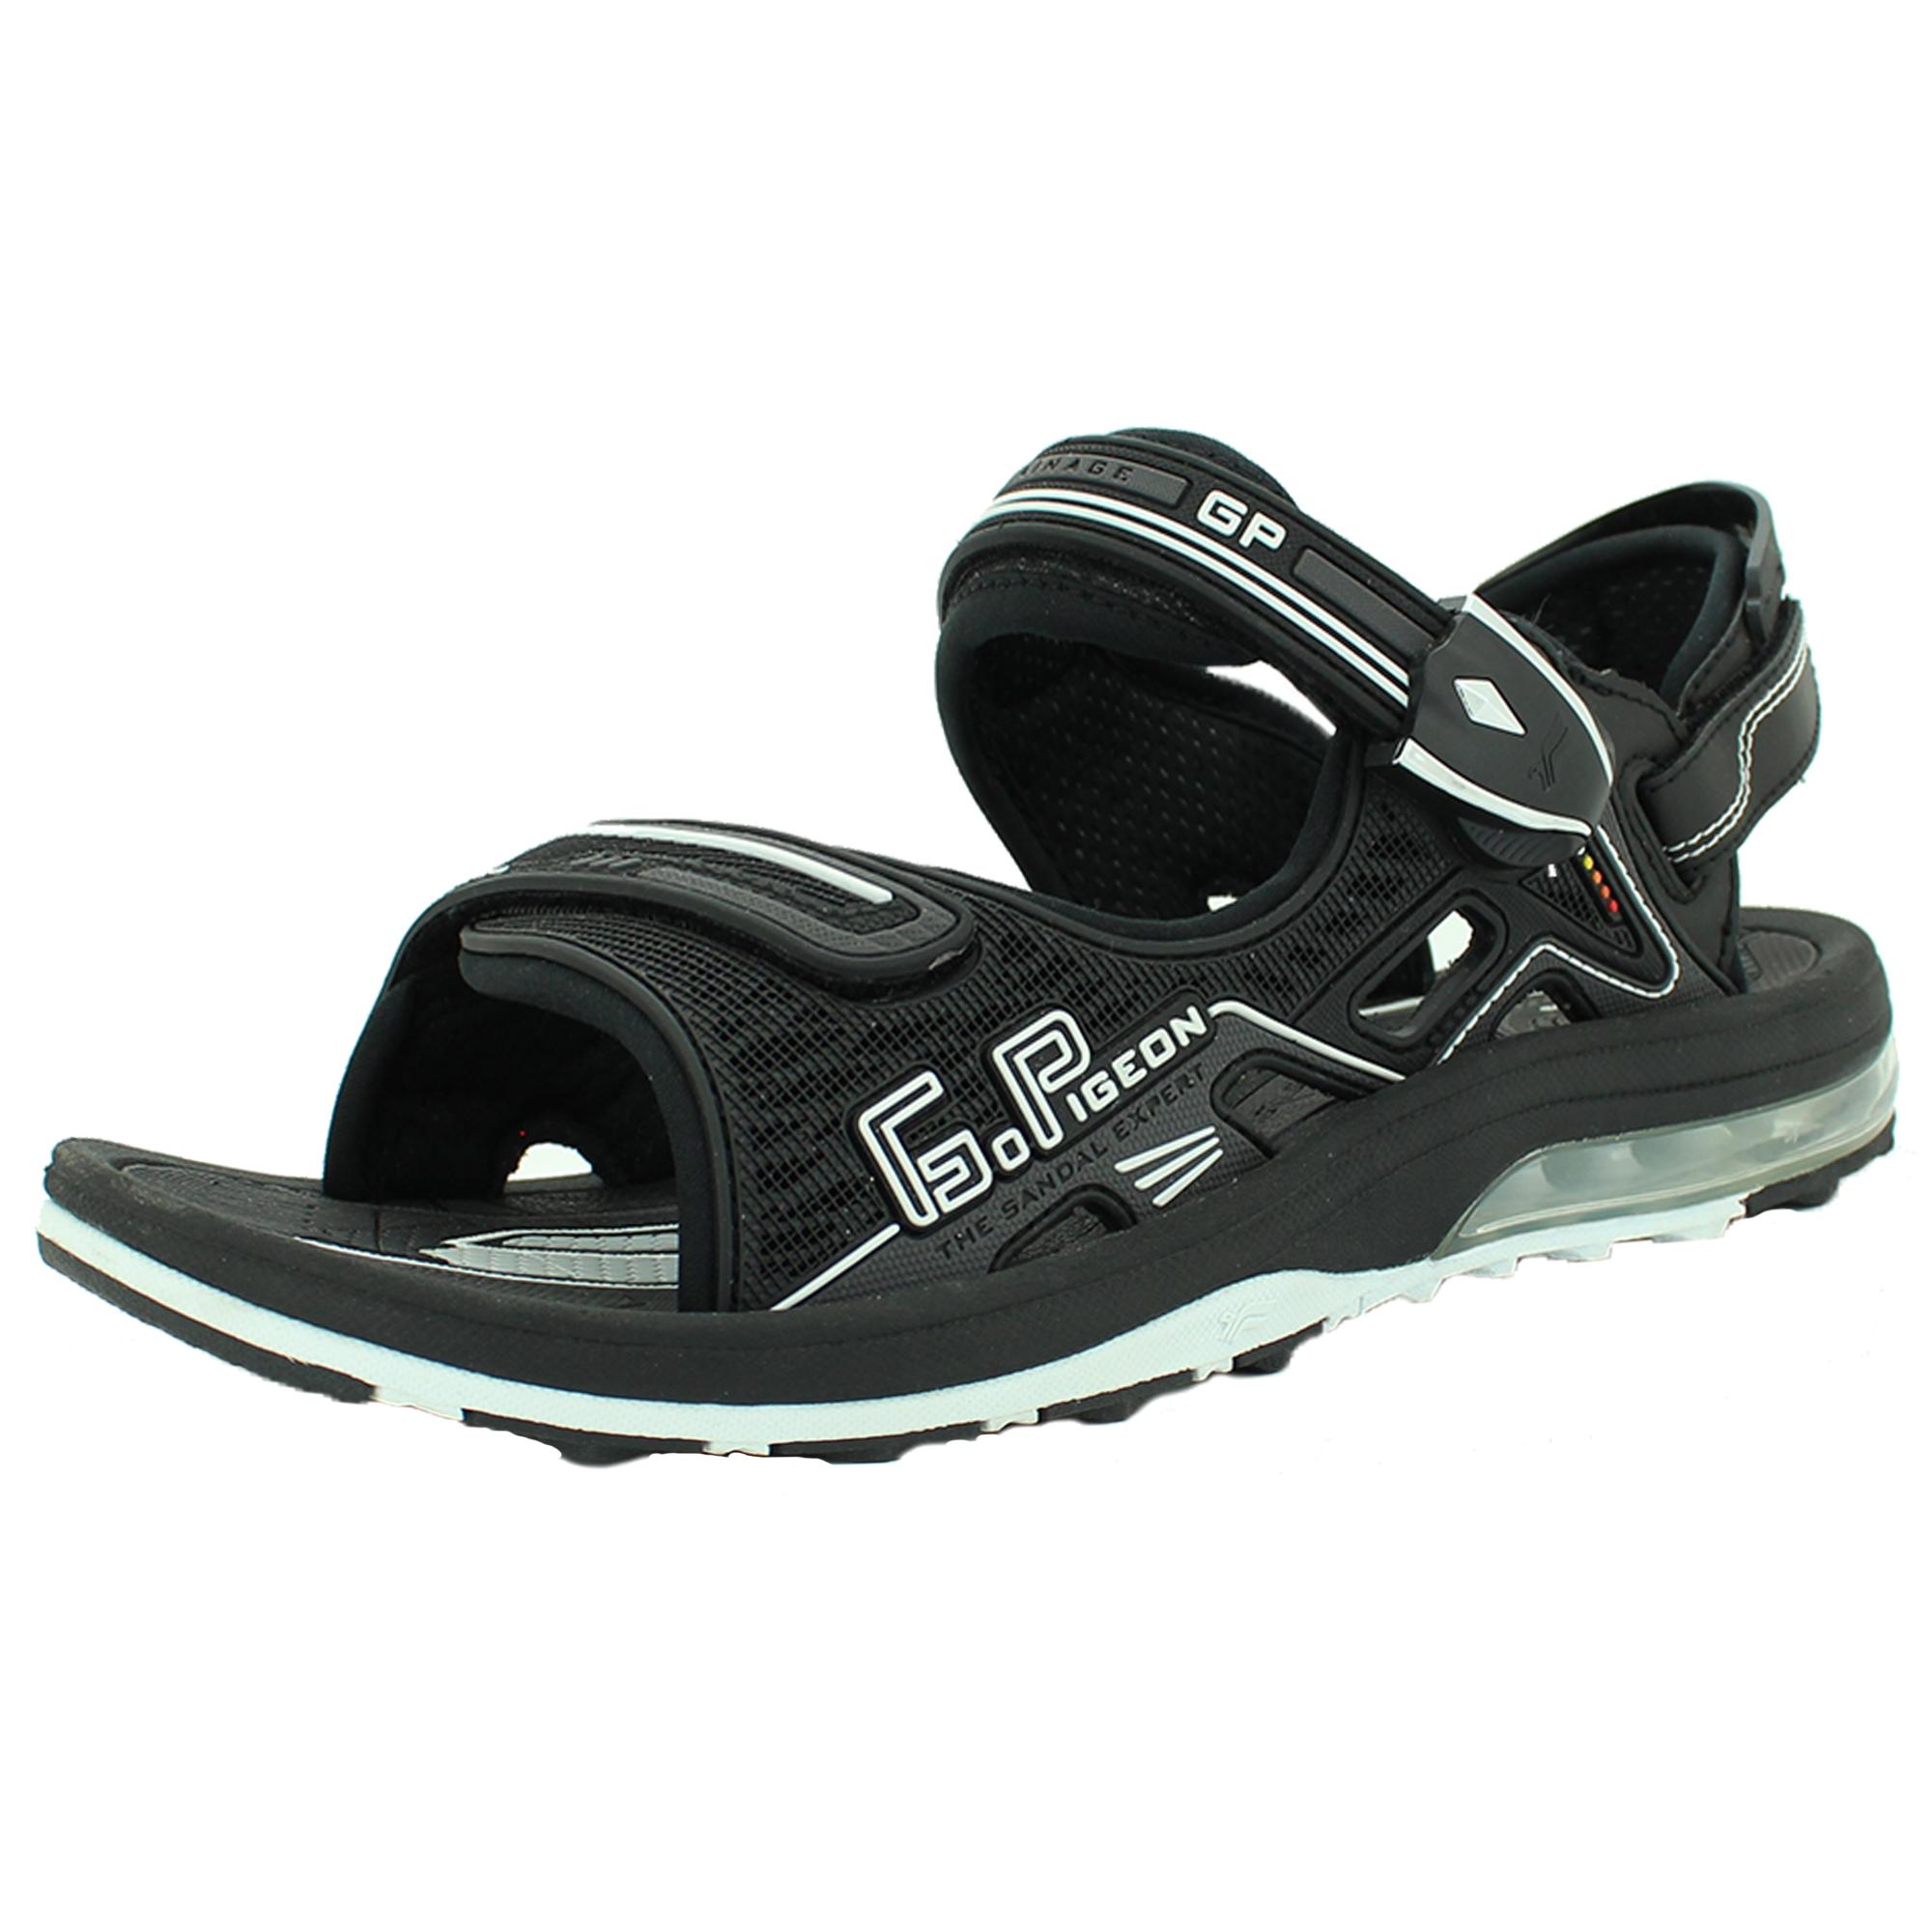 site réputé dff16 b54fc Air Max Snap Lock Sandal: 9272 Black (Size: EU37-43)